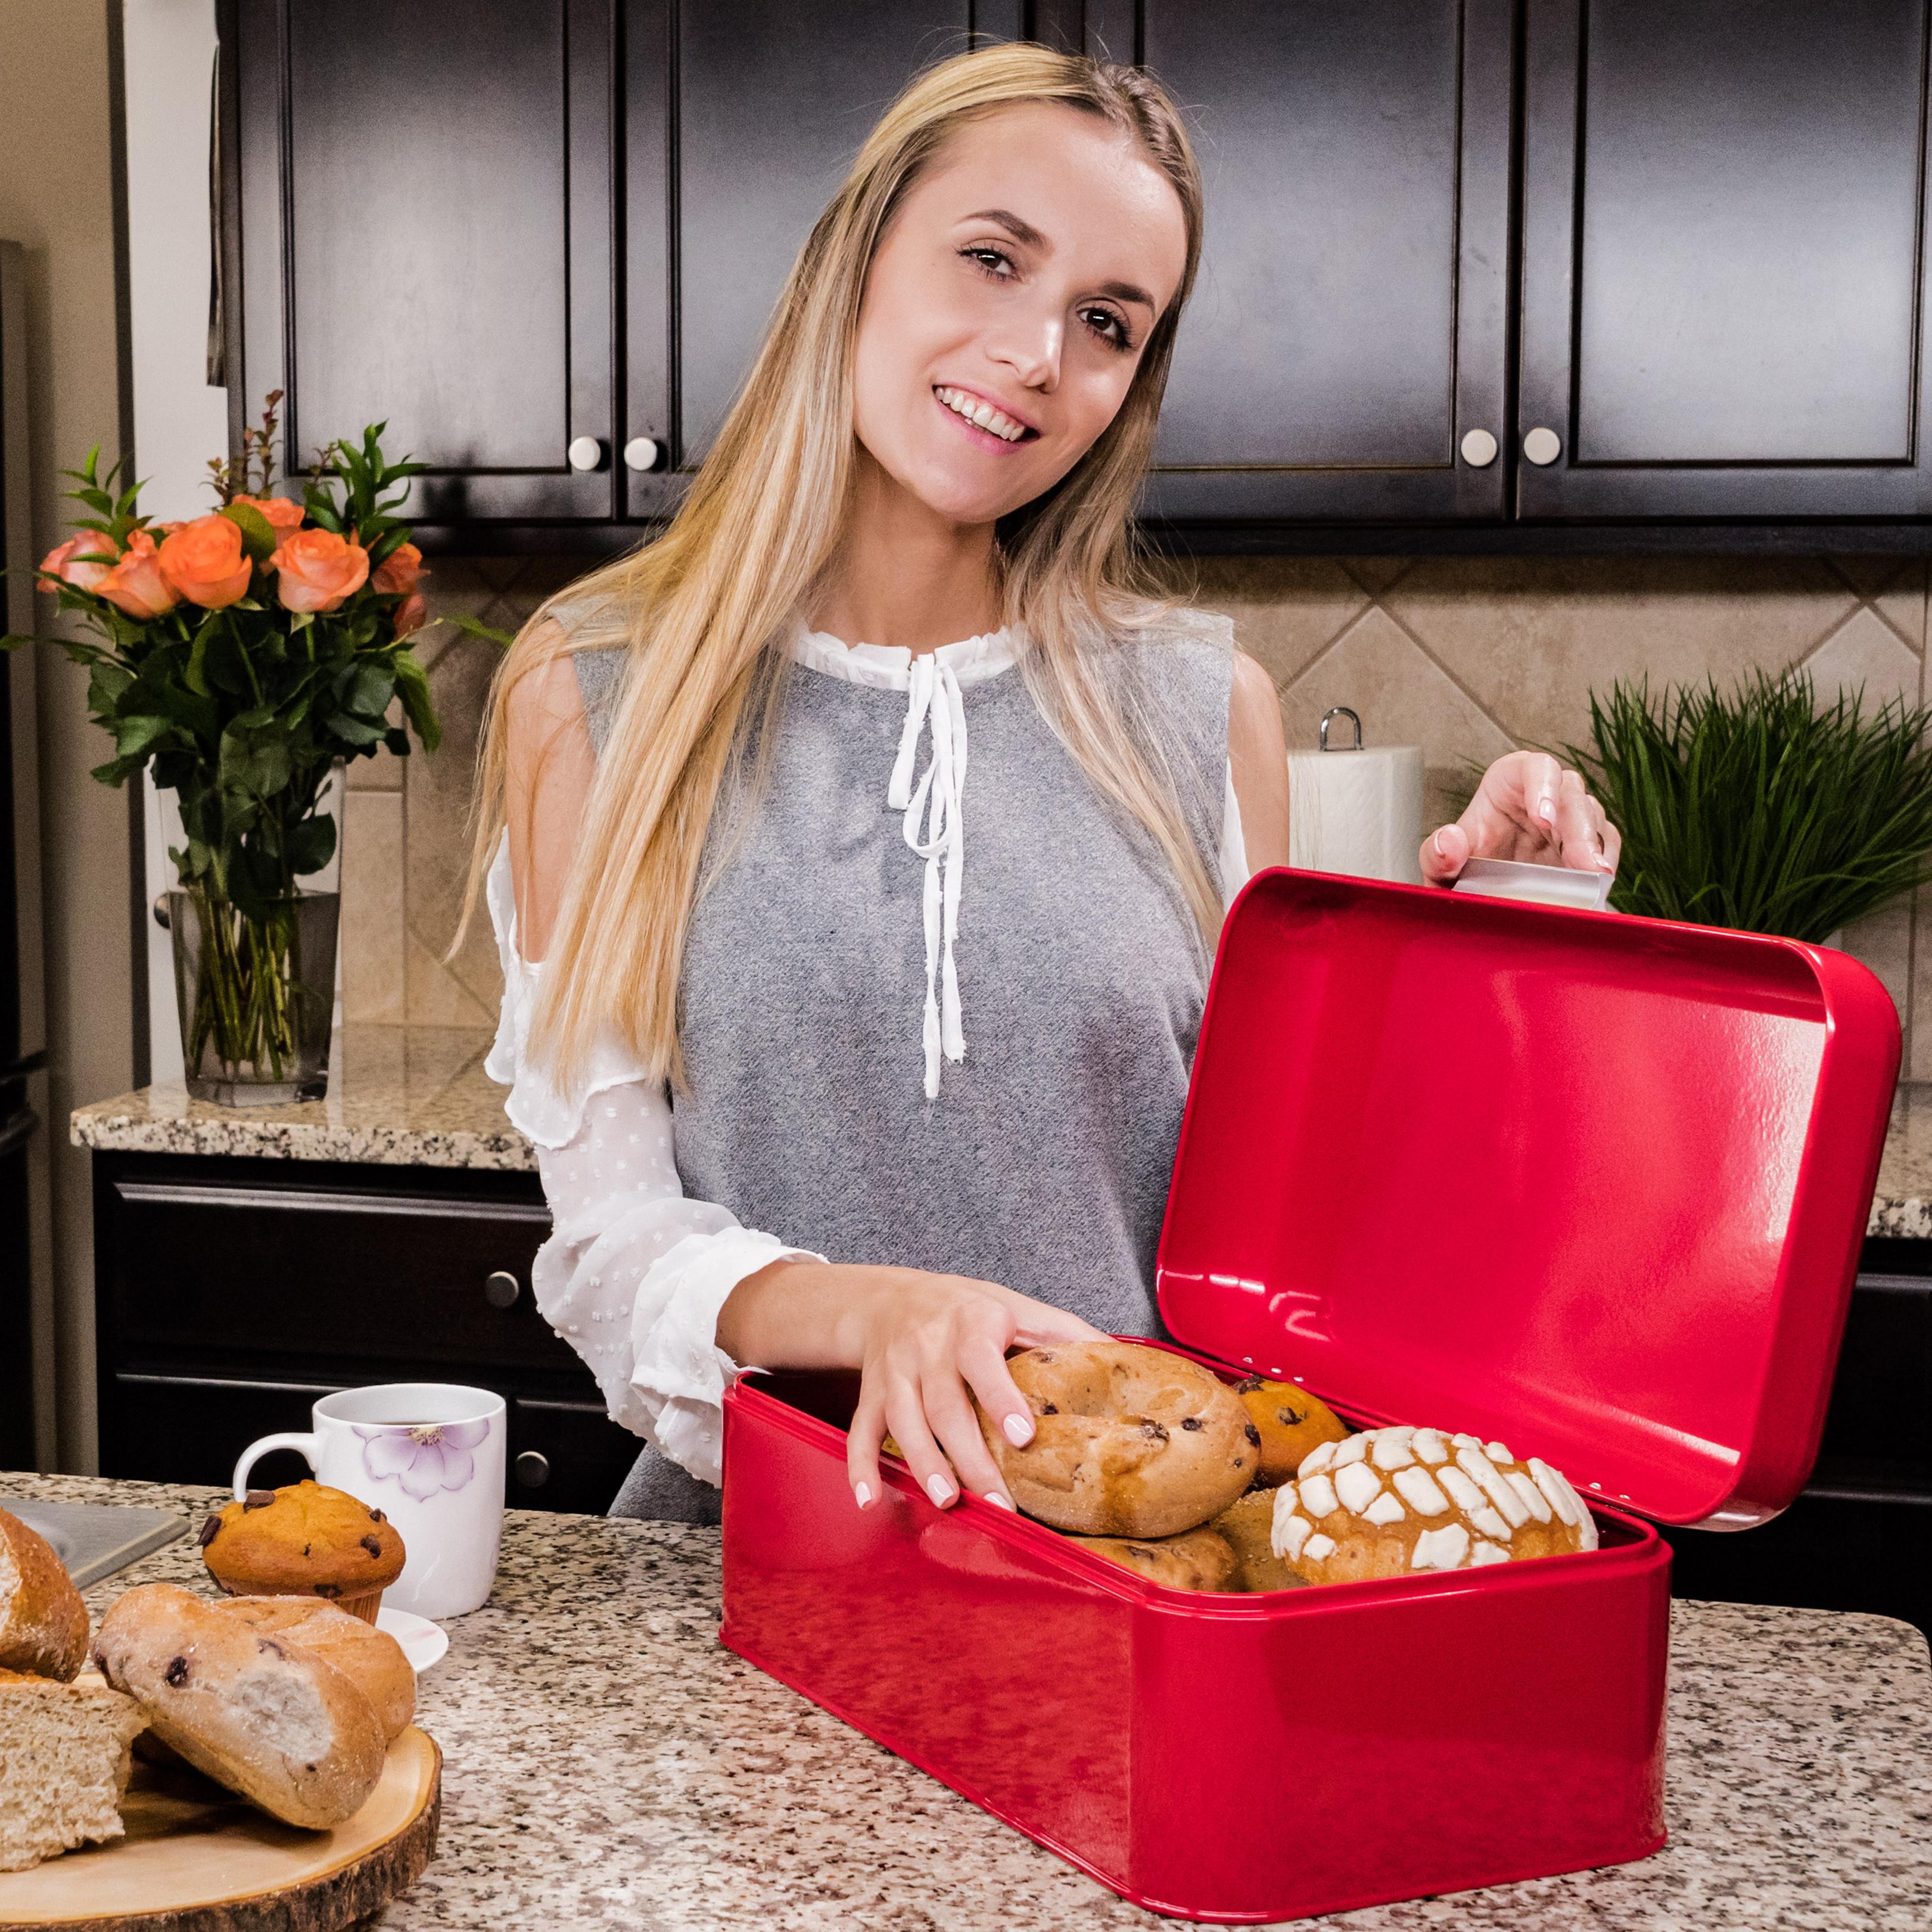 Red Breadbox kitchen